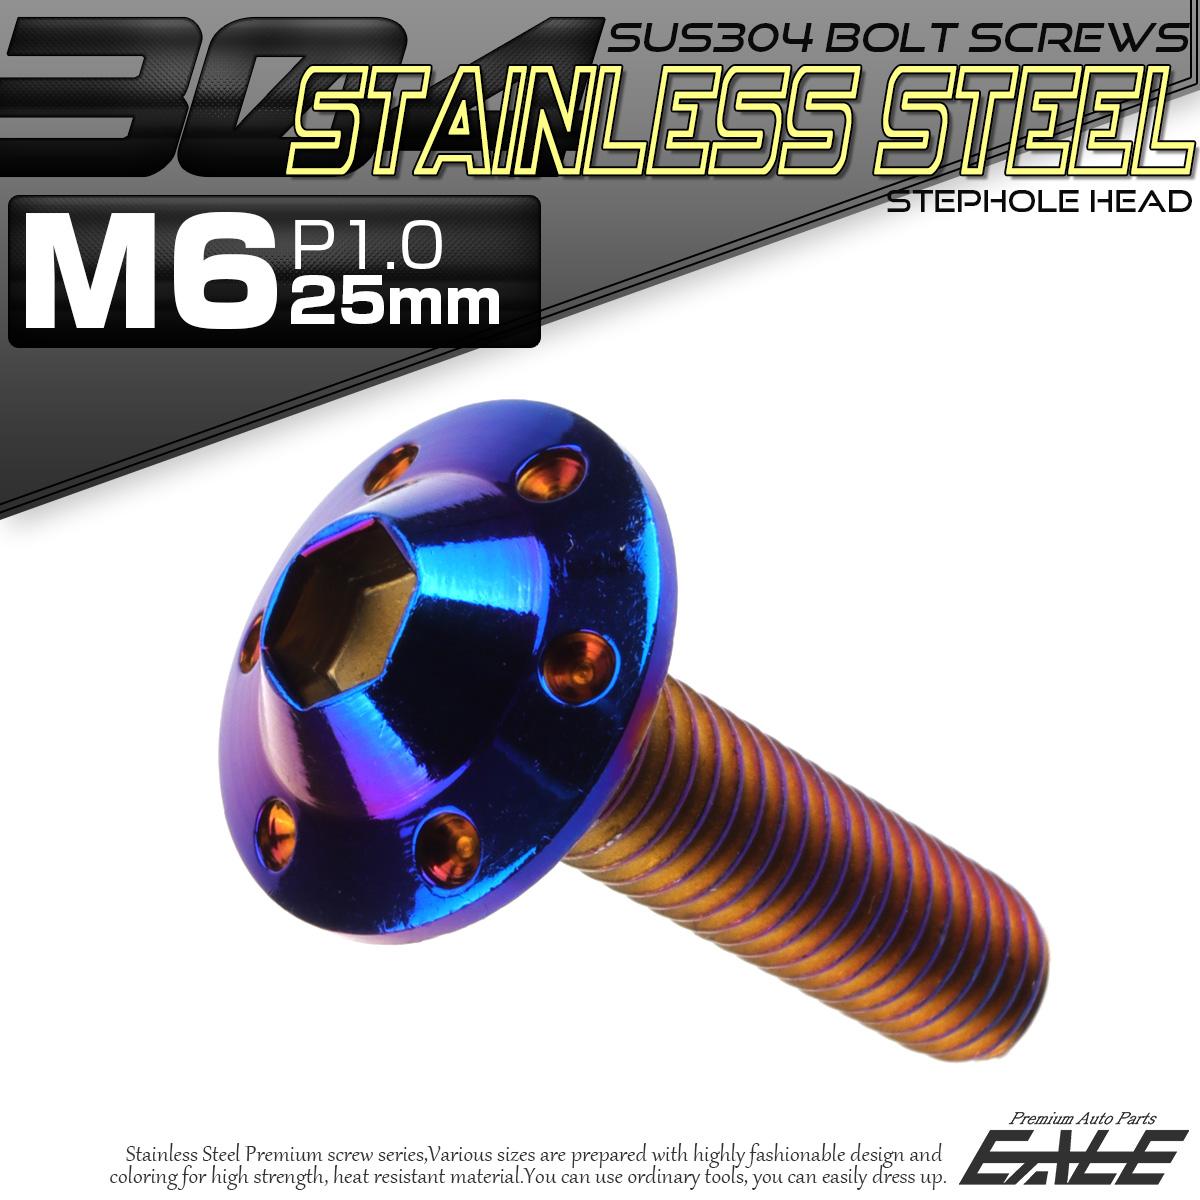 SUS304 フランジ付 ボタンボルト M6×25mm P1.0 六角穴  焼きチタン ステップホールヘッド ステンレス製 TR0208